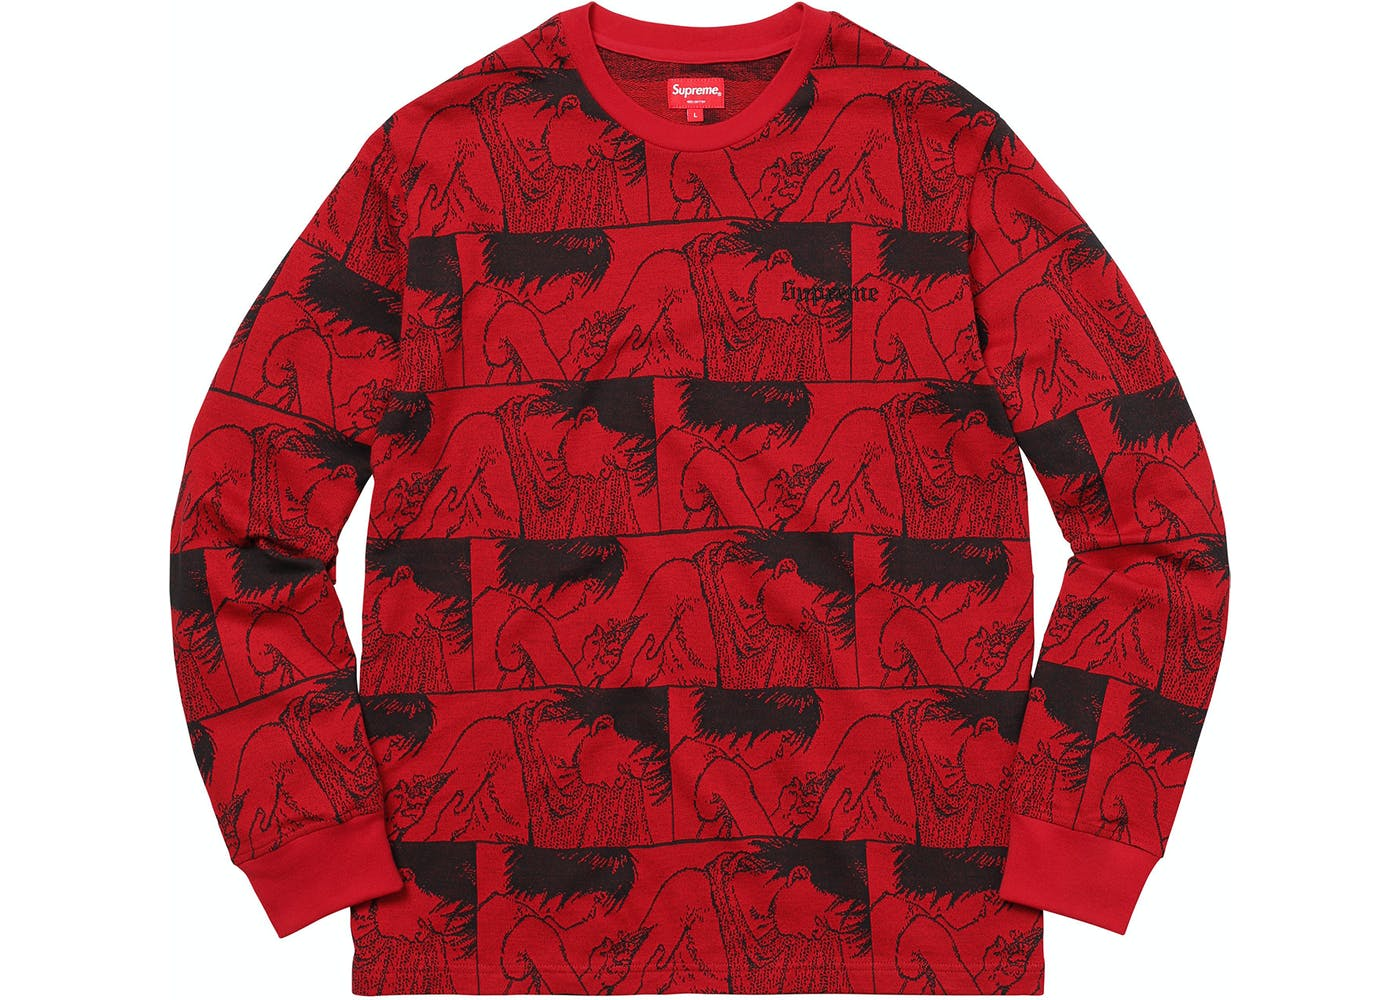 AKIRA Syringe Jacquard L/S Top Red